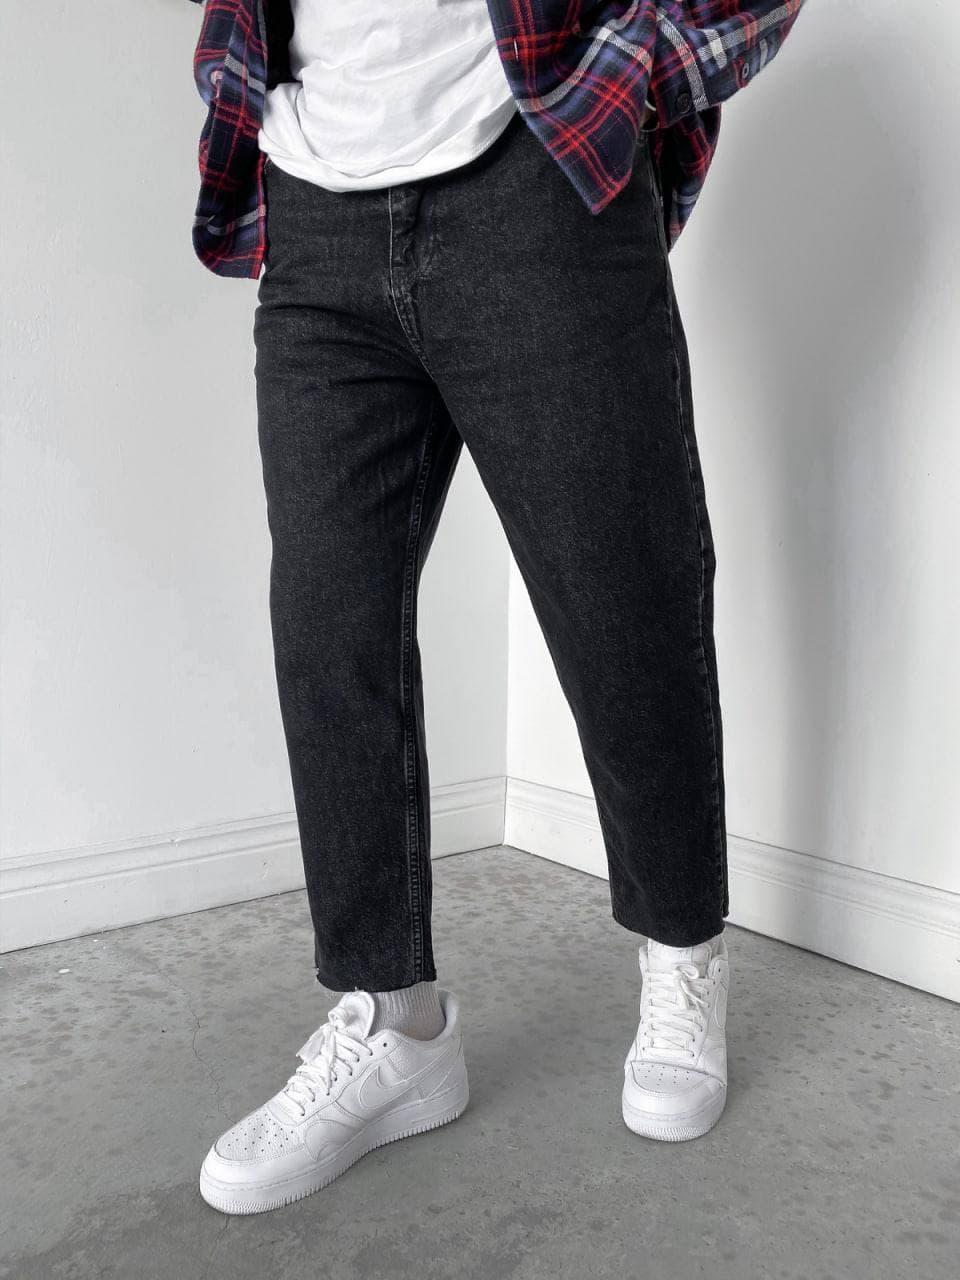 Чоловічі джинси МОМ прямі чорного кольору